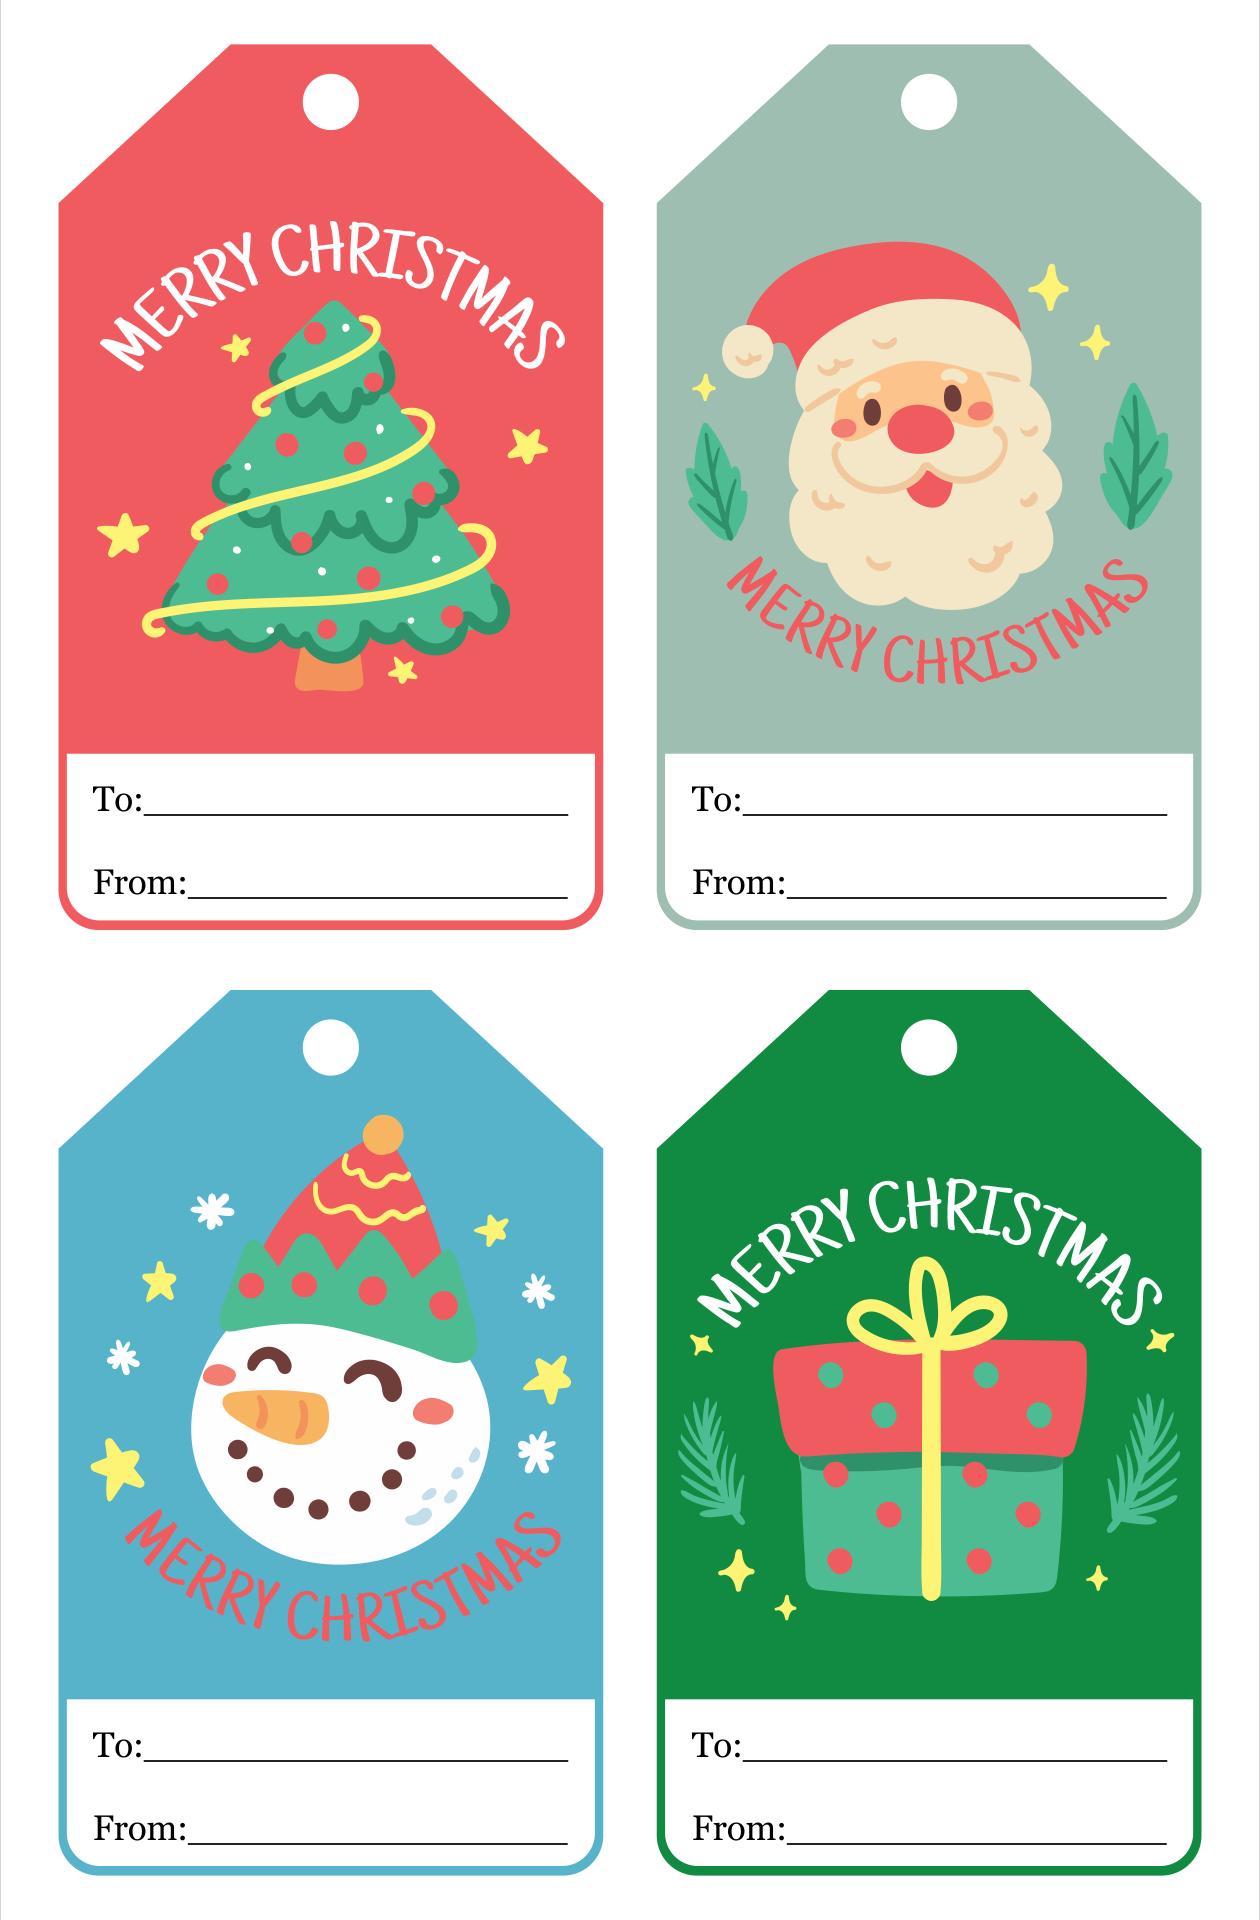 Merry Christmas Tags Printable Free